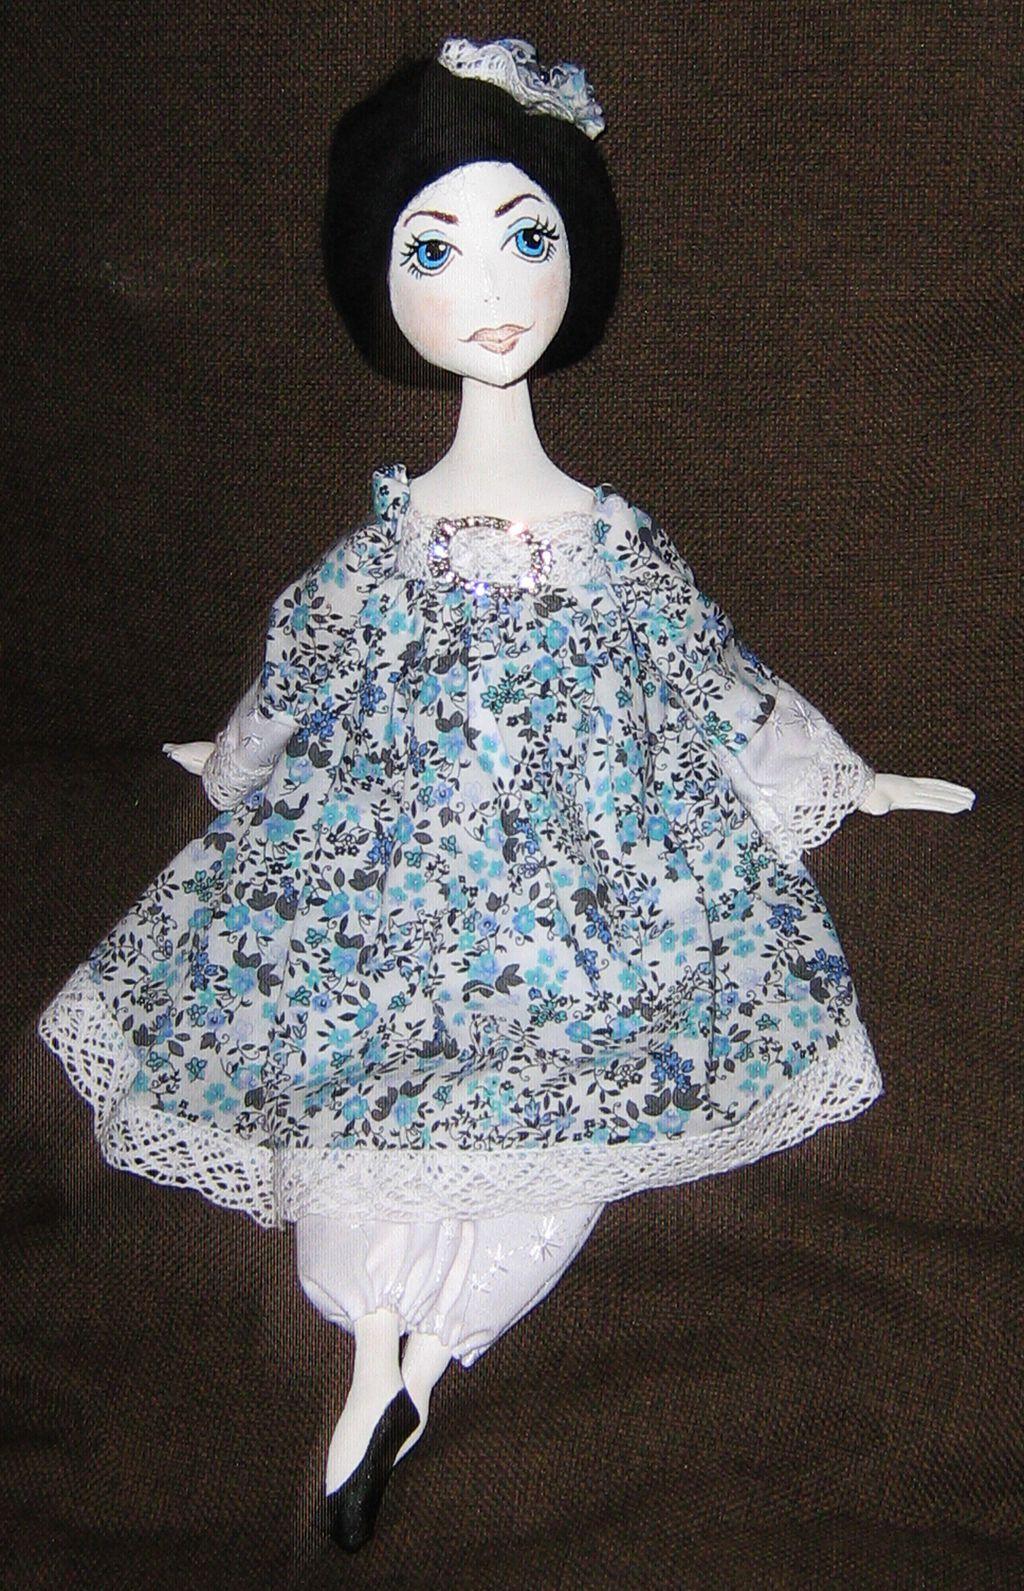 голубое кружево кукла работа ручная платье белое будуарная подарок текстильная